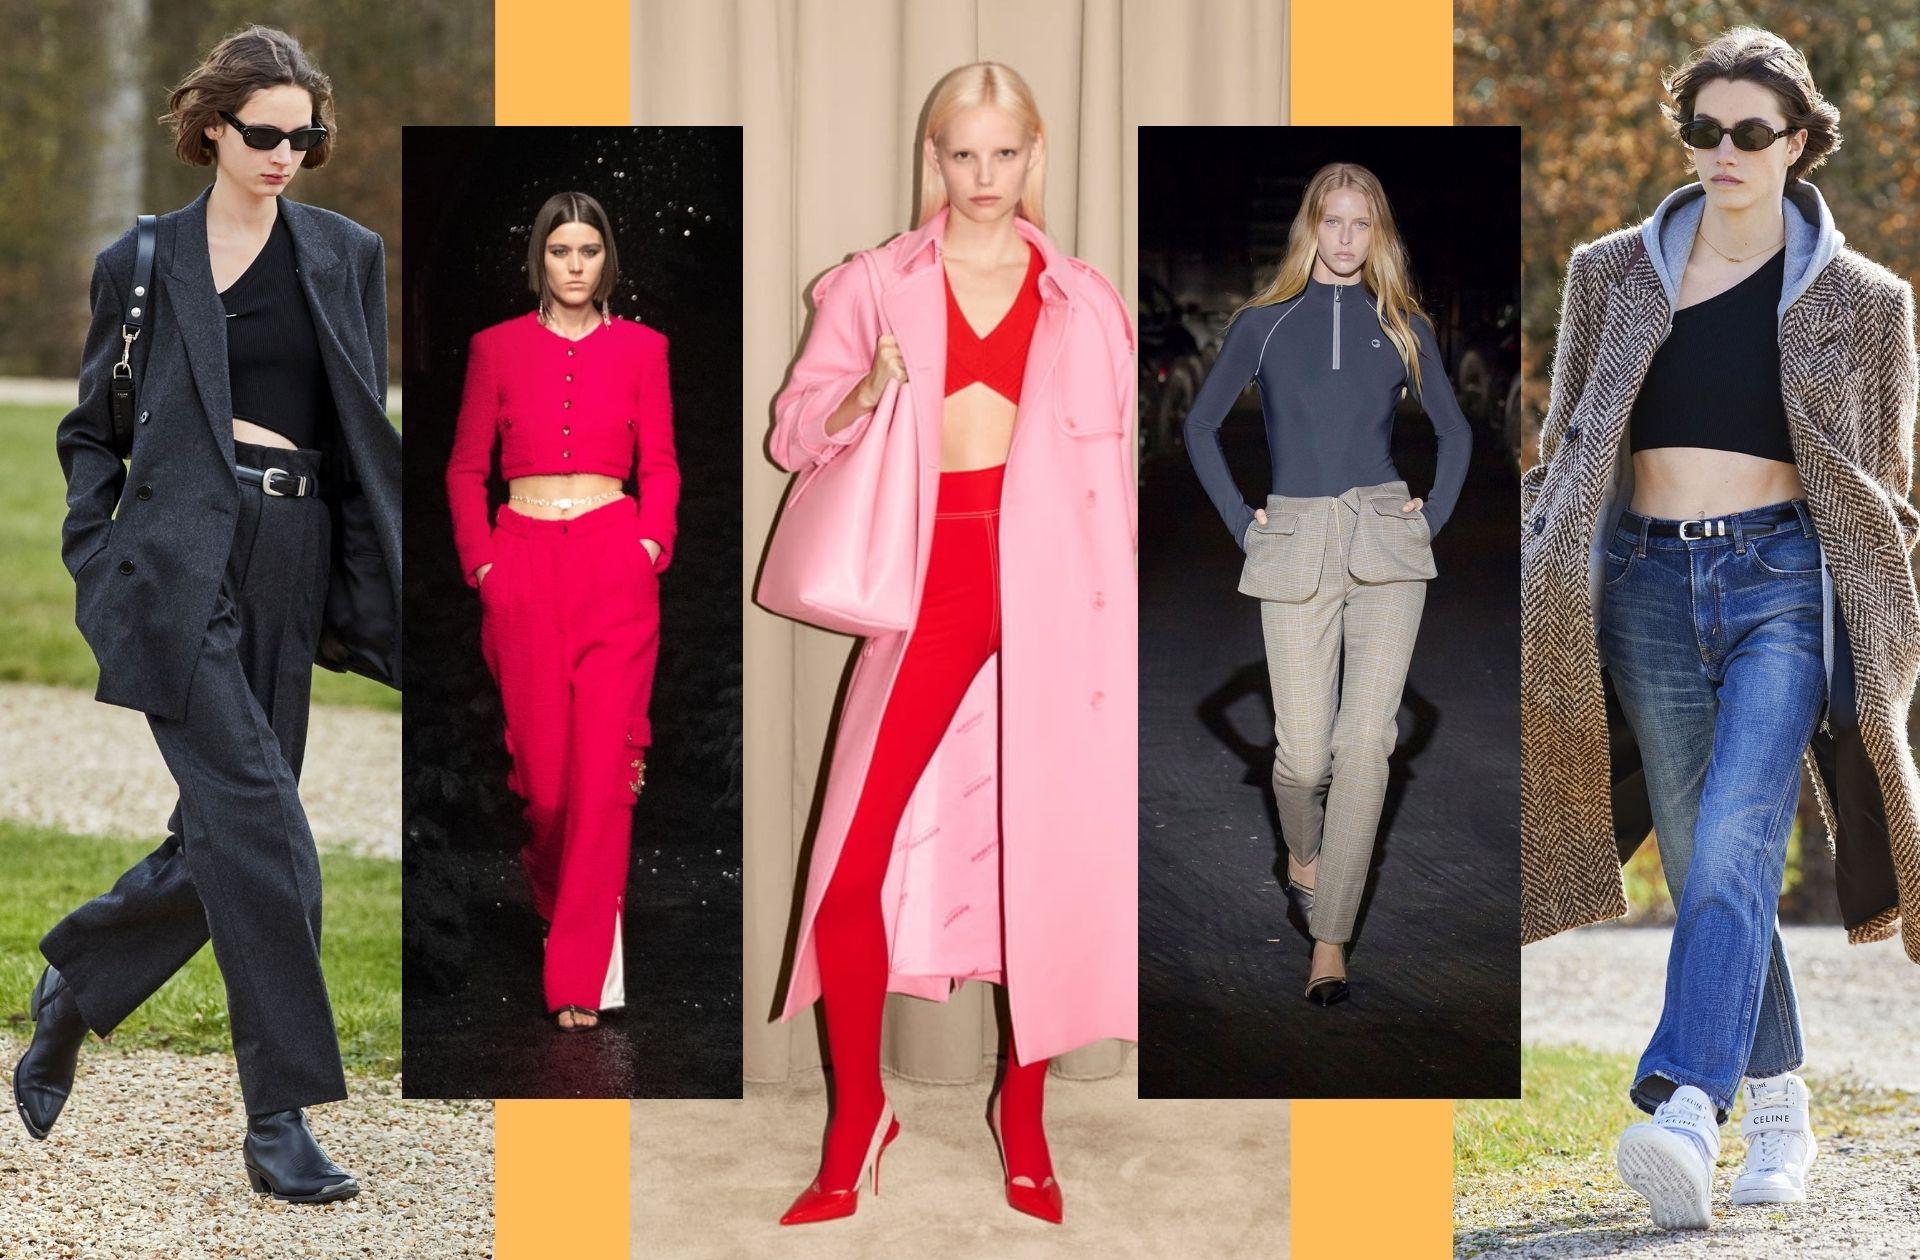 Le mixe de pièces tailleurs et sportswear aperçus chez Céline, Chanel, Burberry, Coperni, et Celine encore.